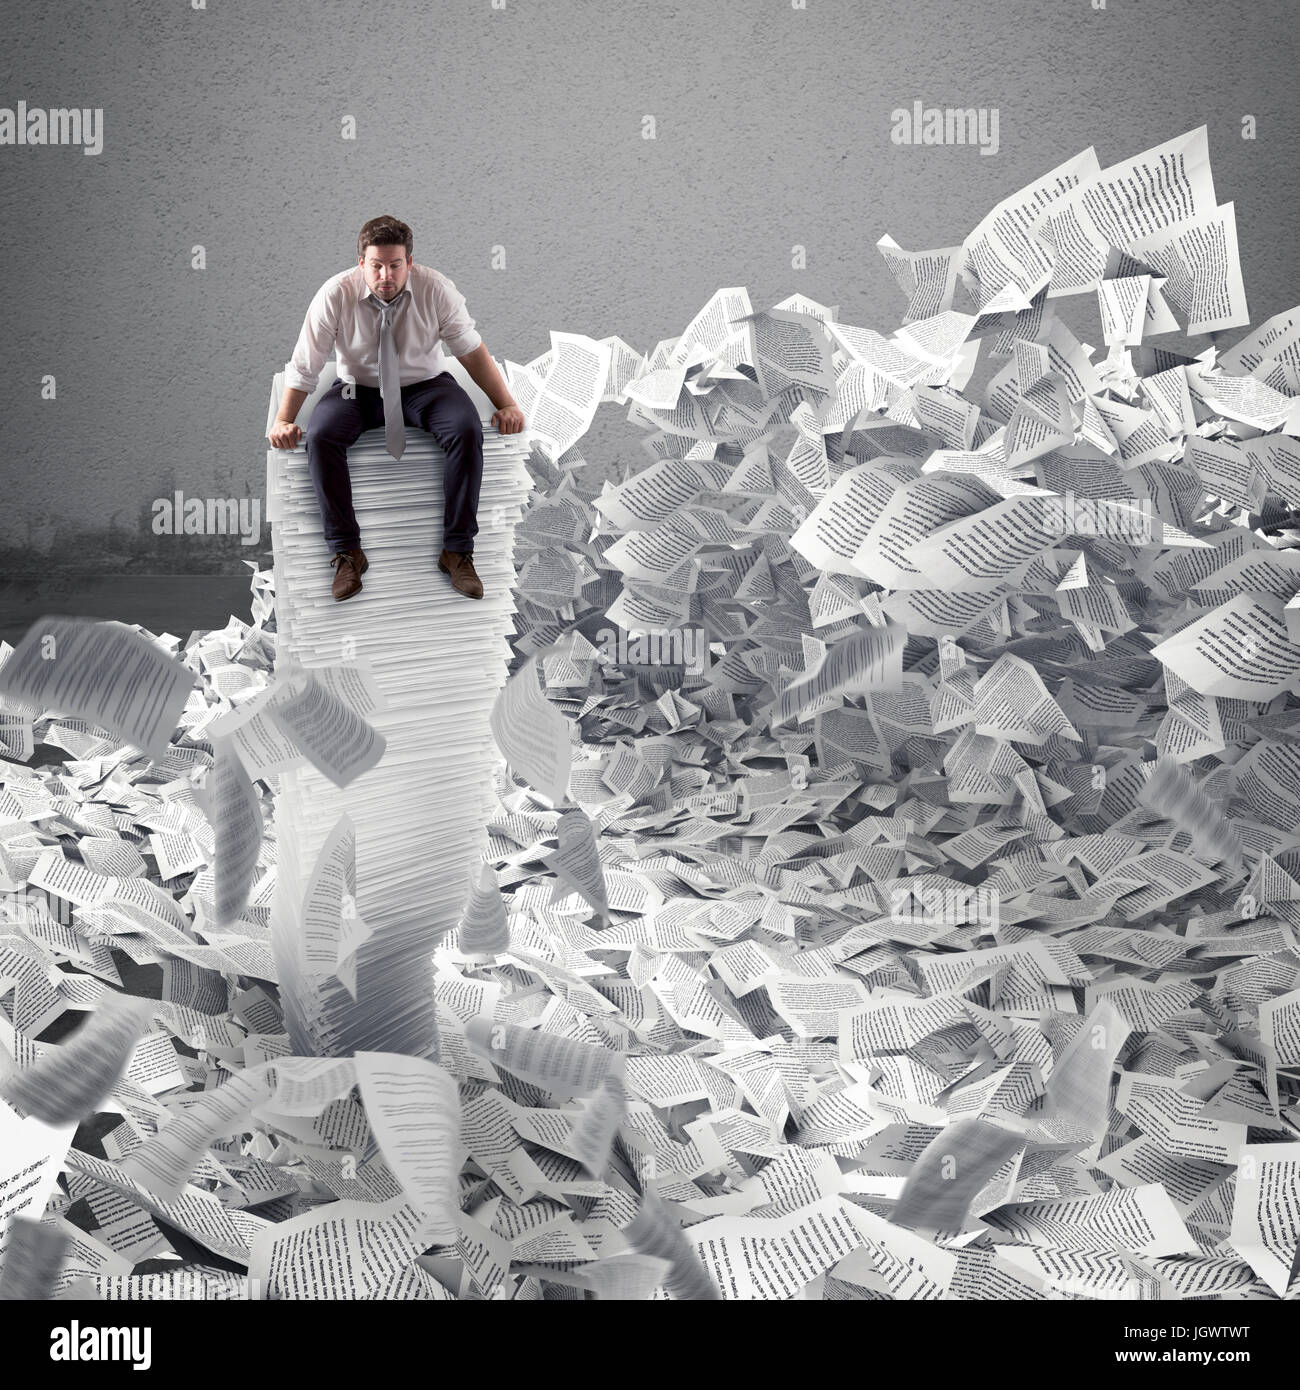 Businessman avec feuille de papier n'importe où. Enterré par la bureaucratie concept. Photo Stock